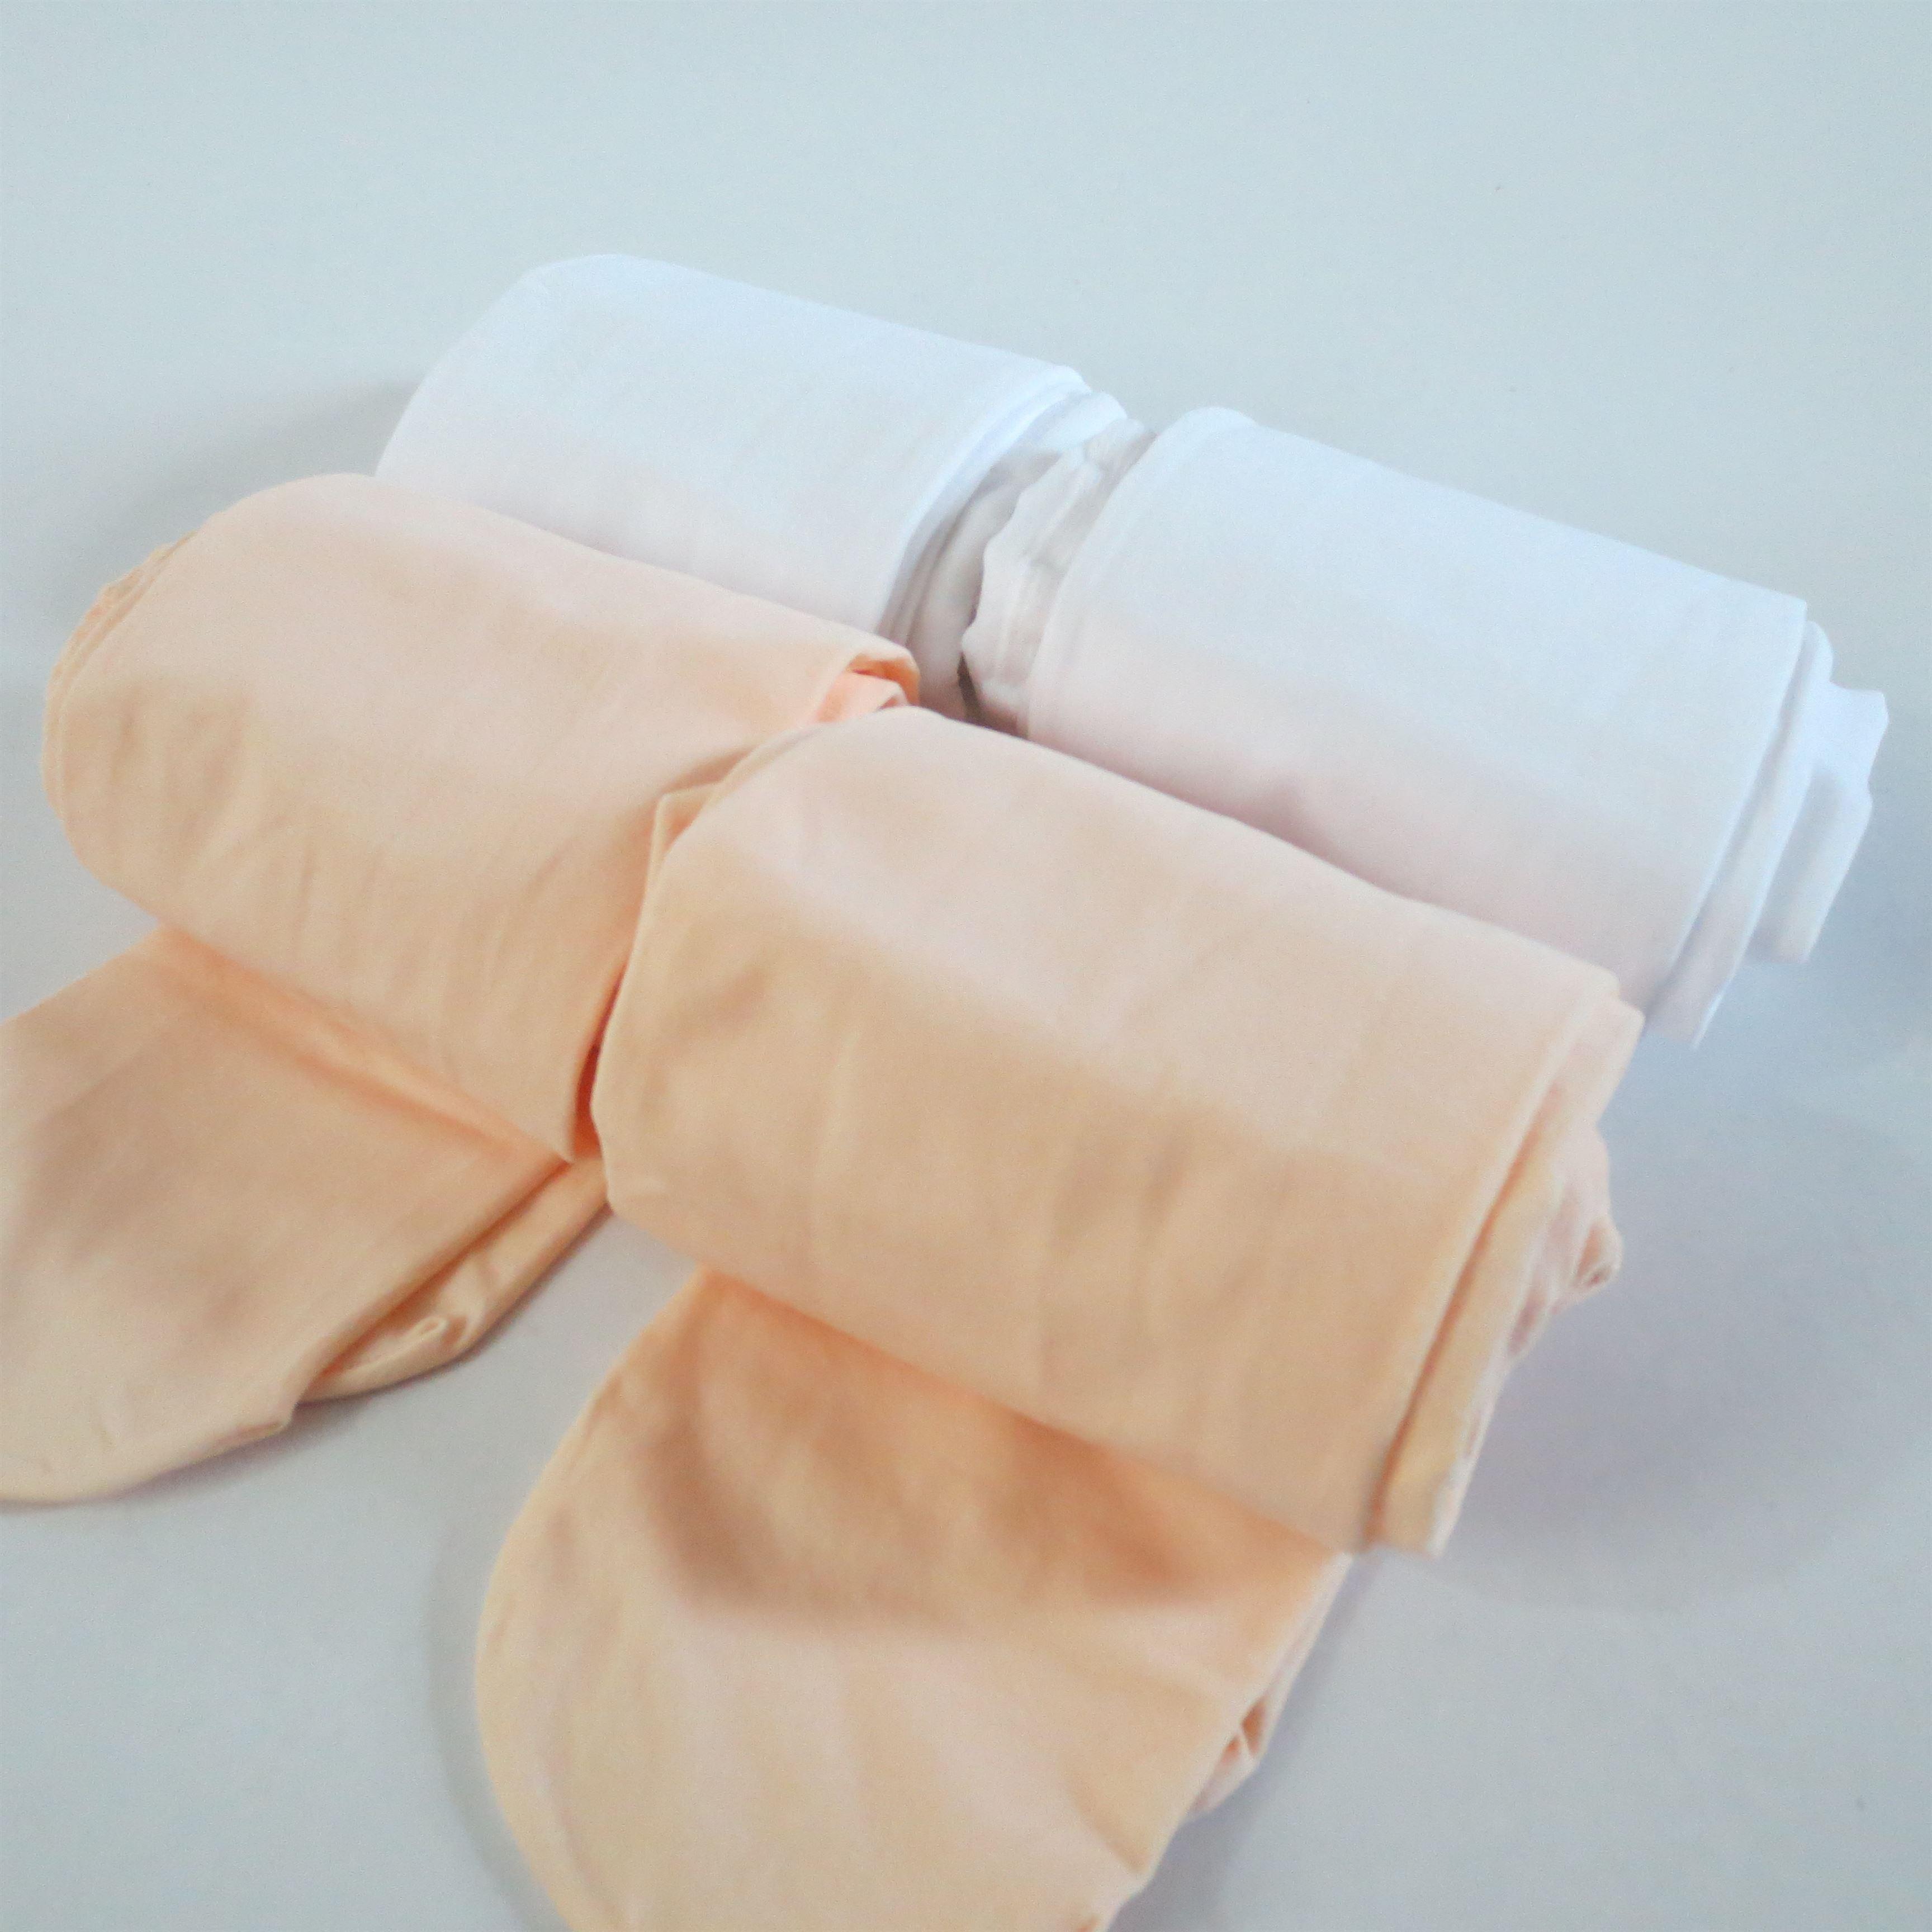 儿童舞蹈袜女童夏季薄款成人加档连裤袜练功不起球白色舞蹈袜丝袜